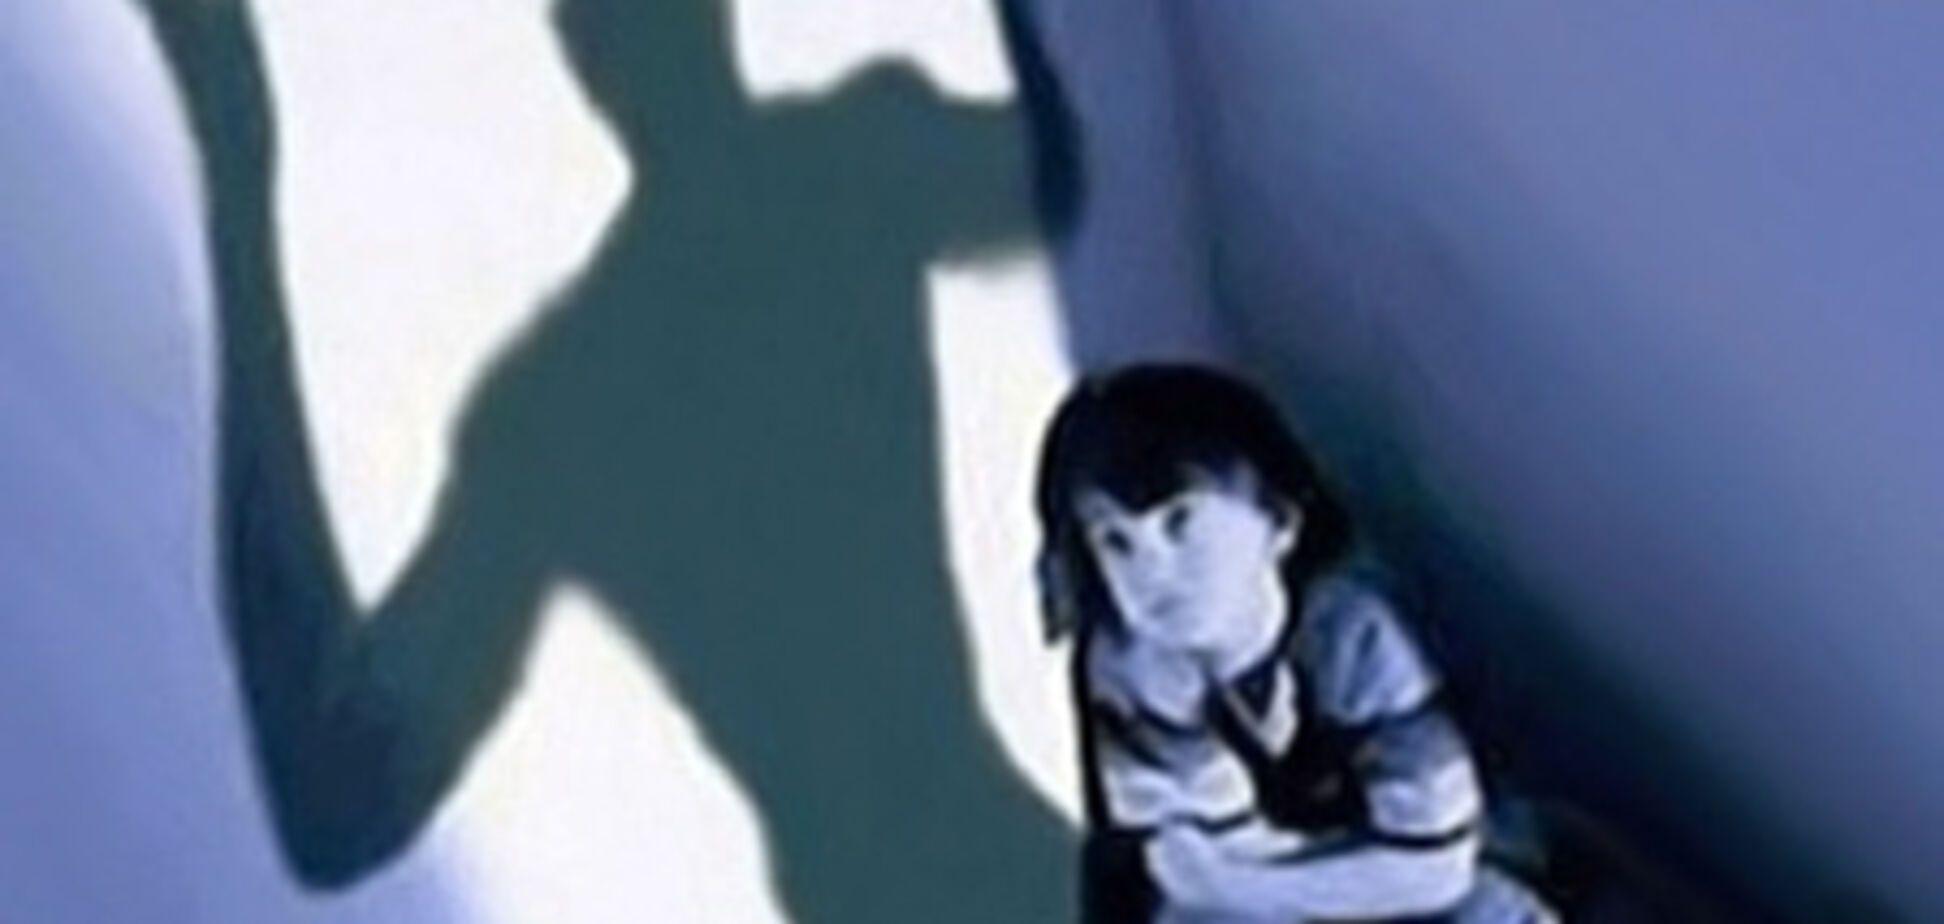 Пара алкоголиков пытала 4-летнюю дочь несколько дней